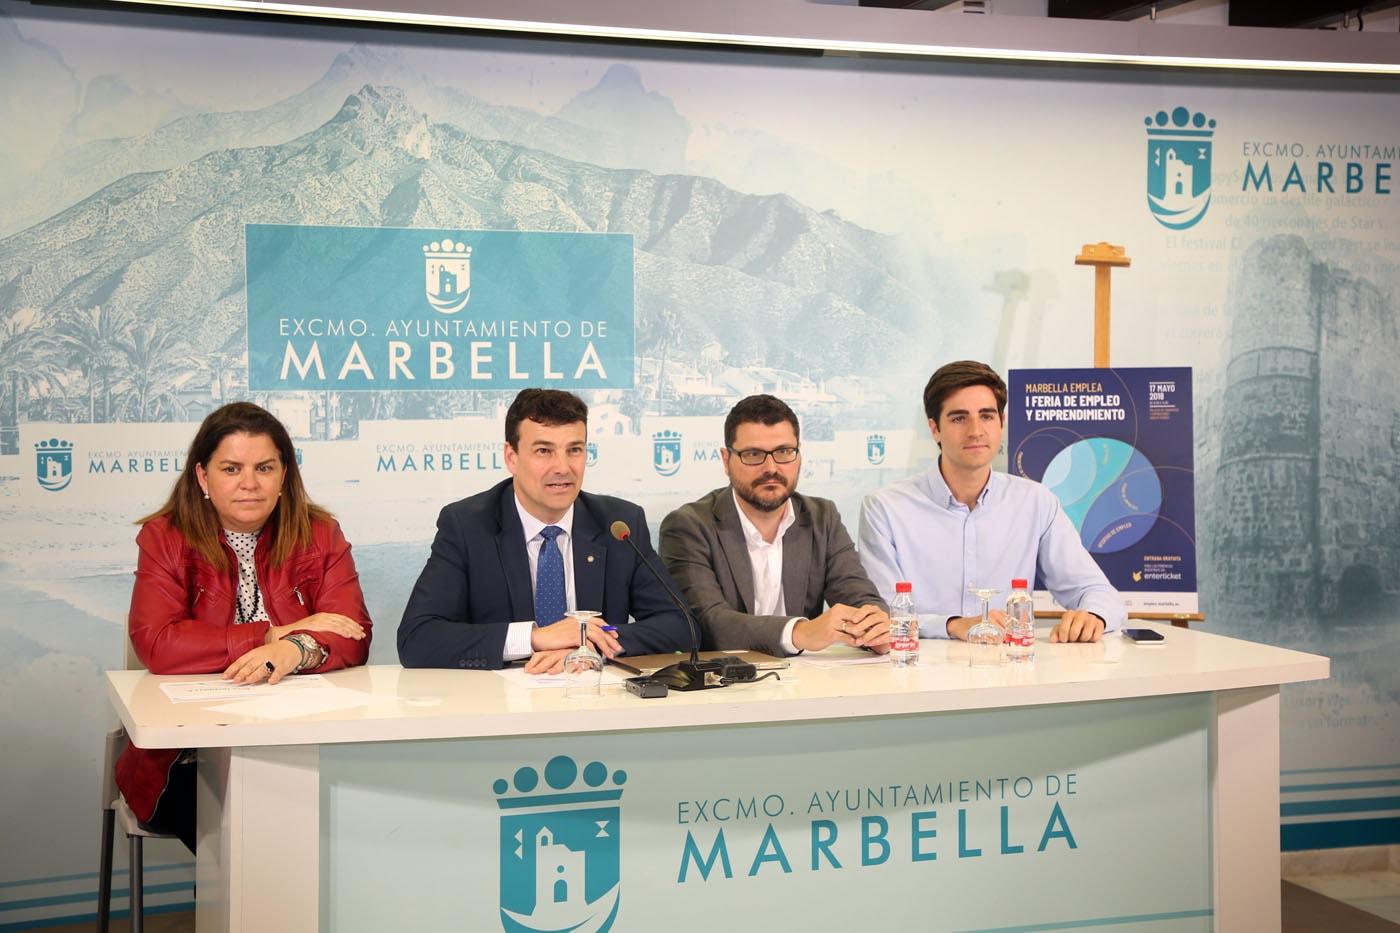 La I Feria de Empleo y Emprendimiento de Marbella tendrá lugar el próximo 17 de mayo